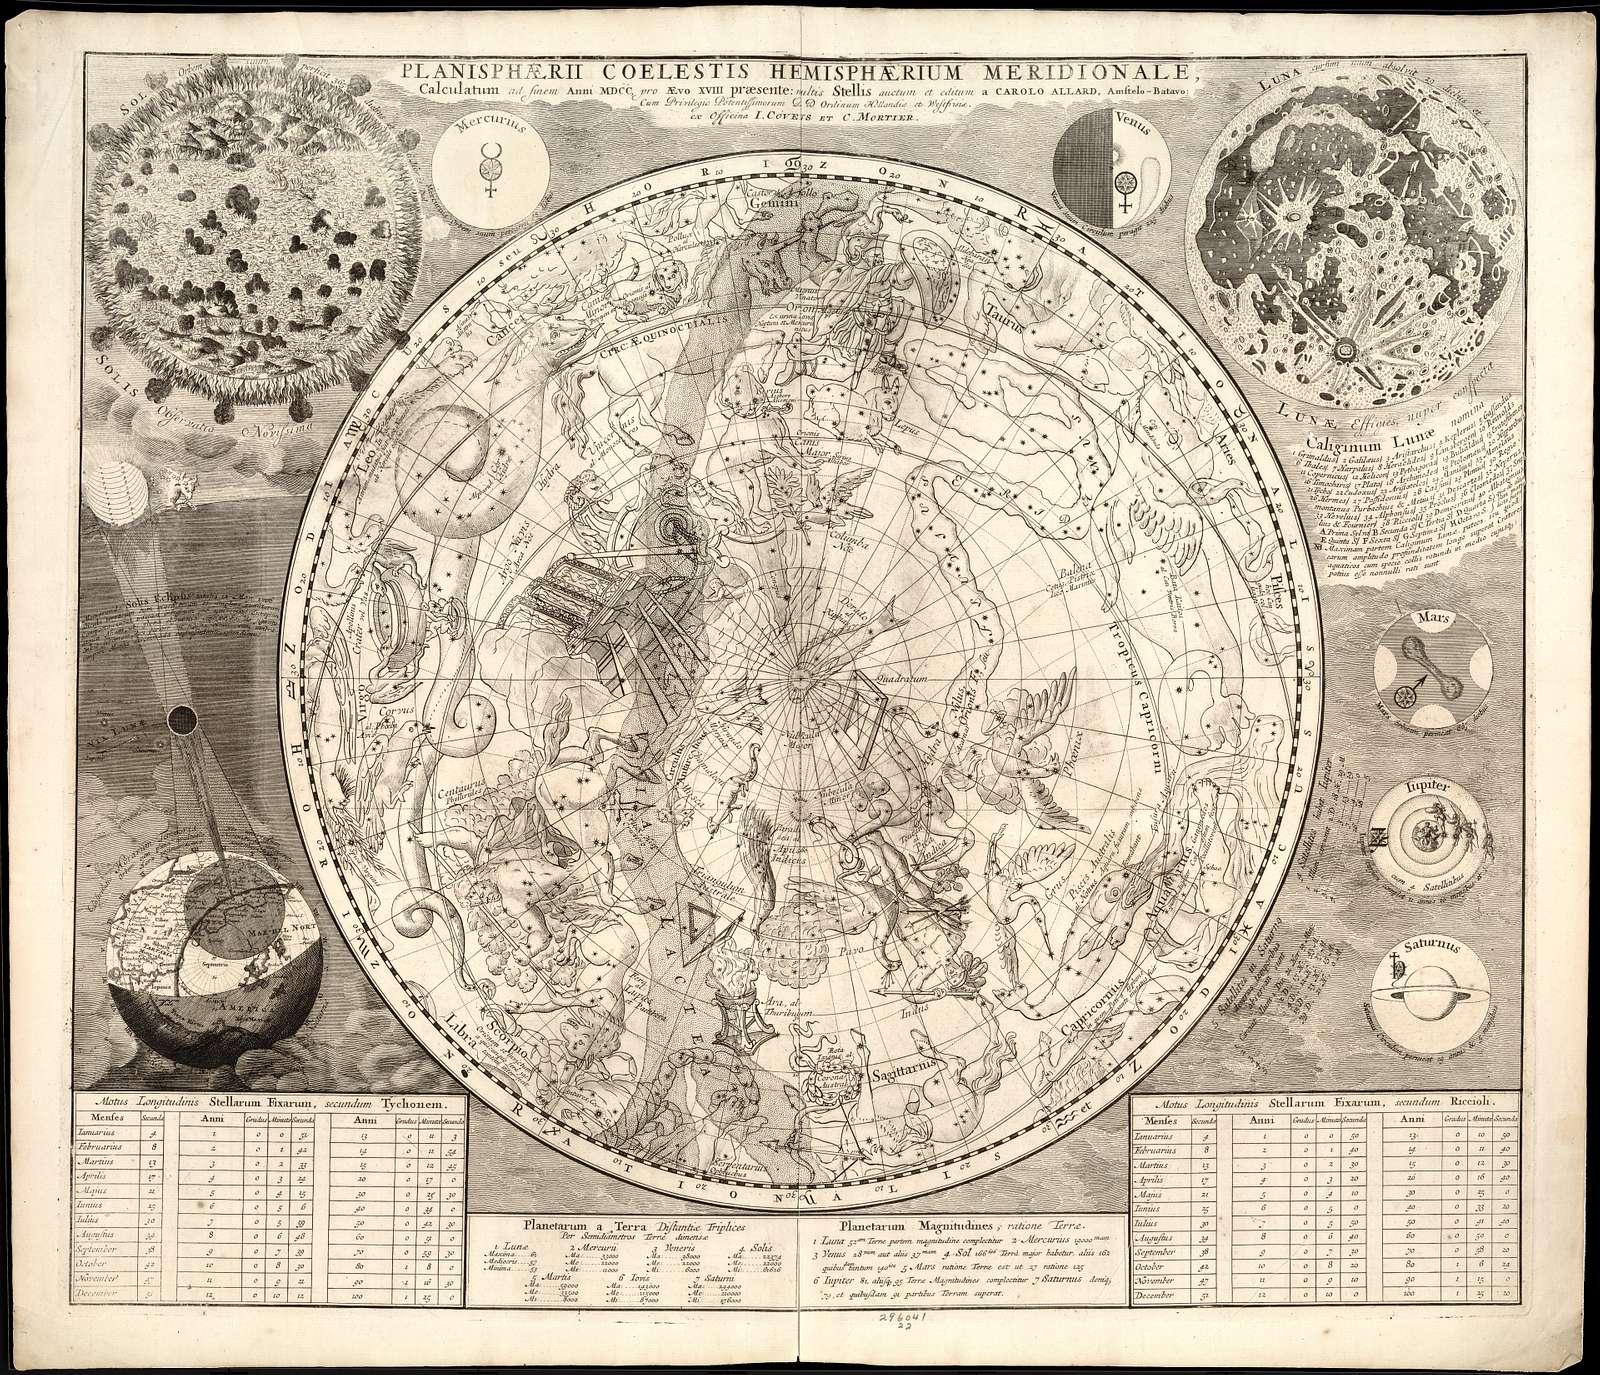 Planisphaerii coelestis hemisphaerium meridionale : calculatum ad finem anni MDCC, pro aevo XVIII praesente /